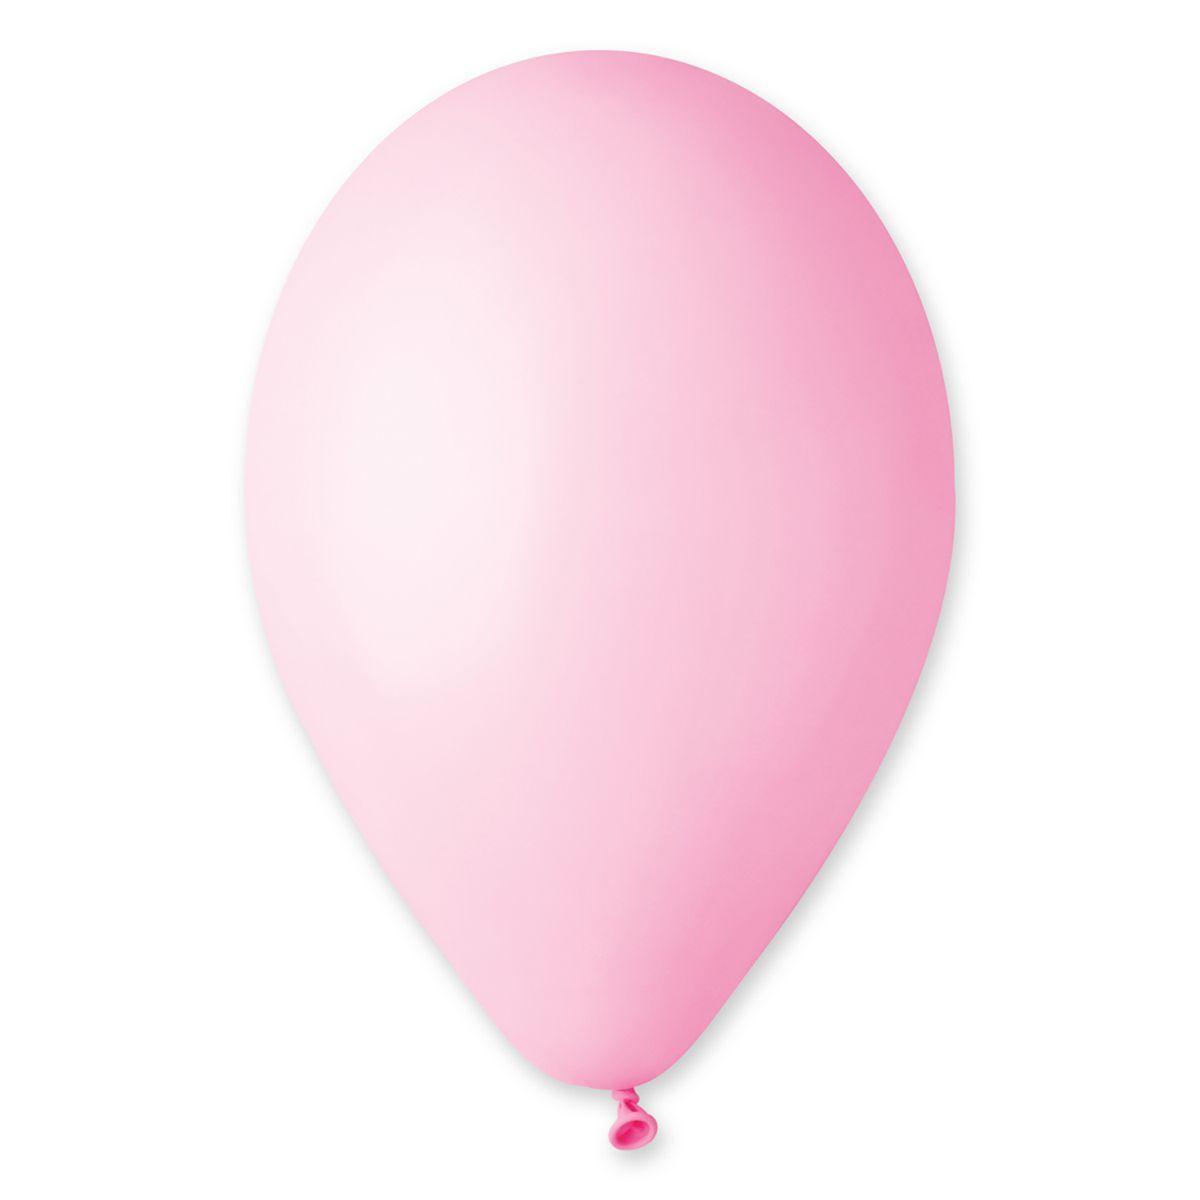 """Повітряні кулі Gemar 12"""" (30 см), Рожевий Матовий (Baby pink) 73, 100 шт (G110)"""